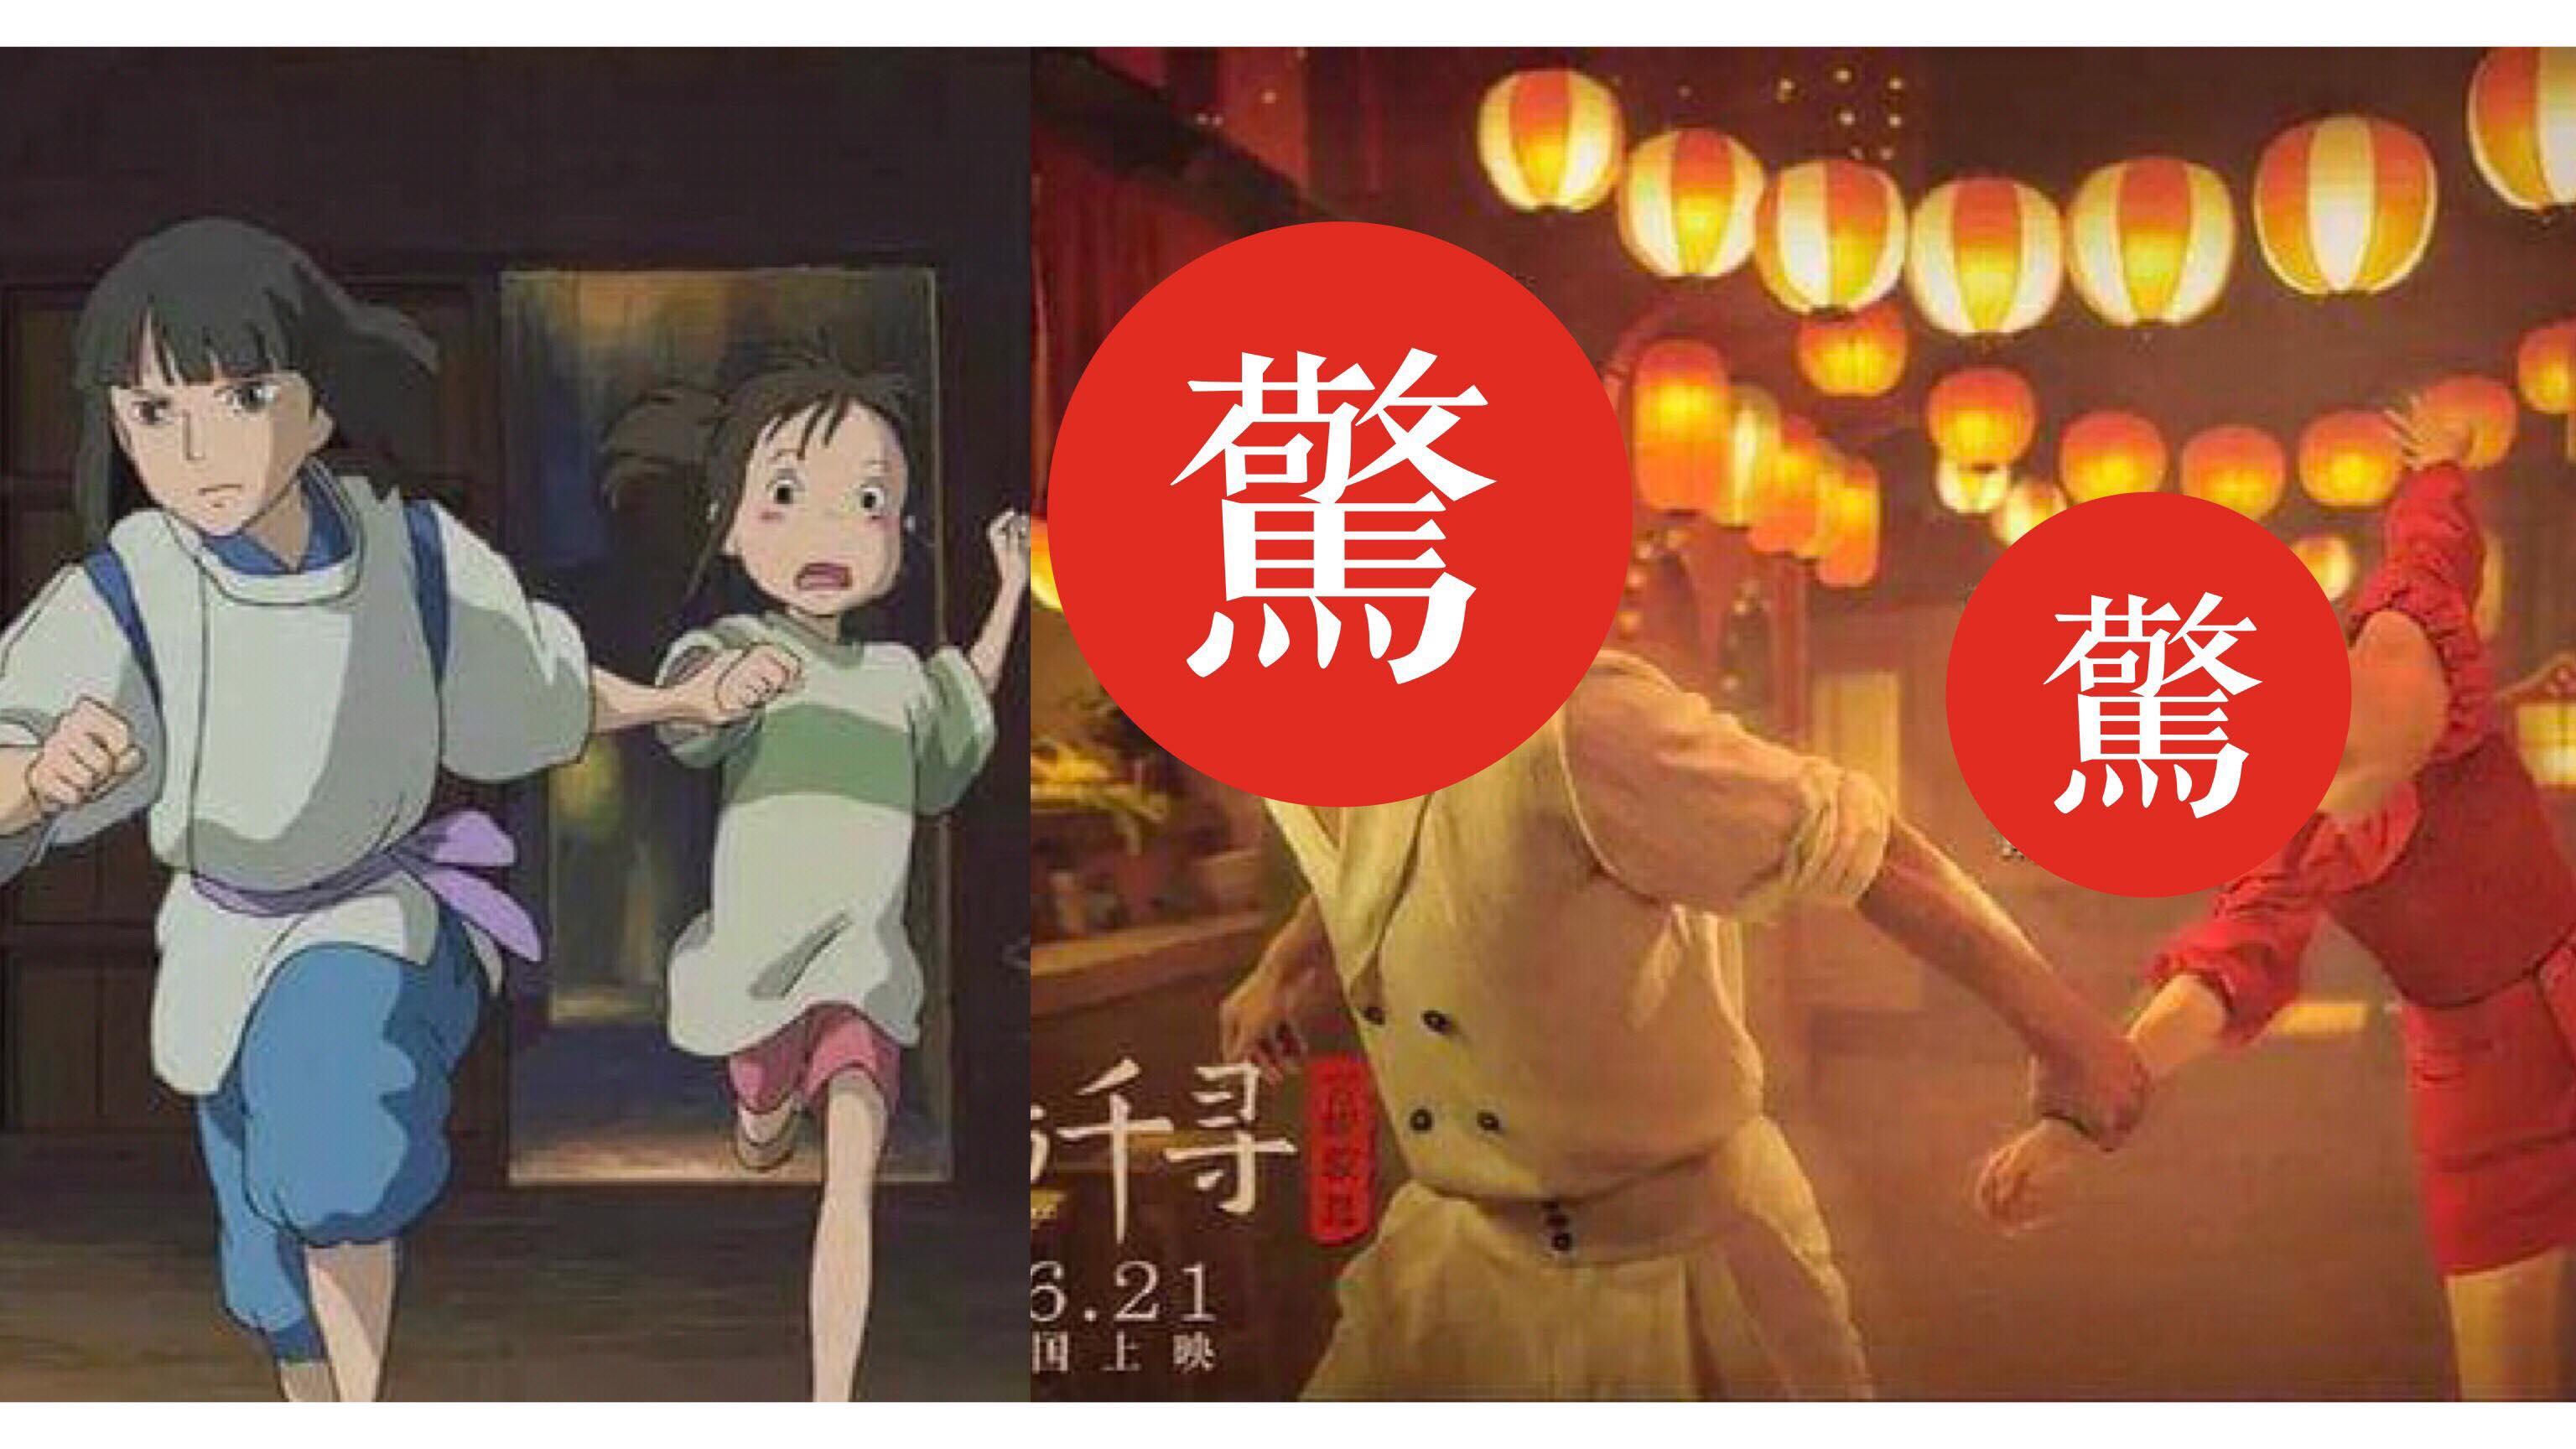 宮崎駿《神隱少女》真人版海報曝光,網友傻眼:「童年被毀了?!」 – 我們用電影寫日記